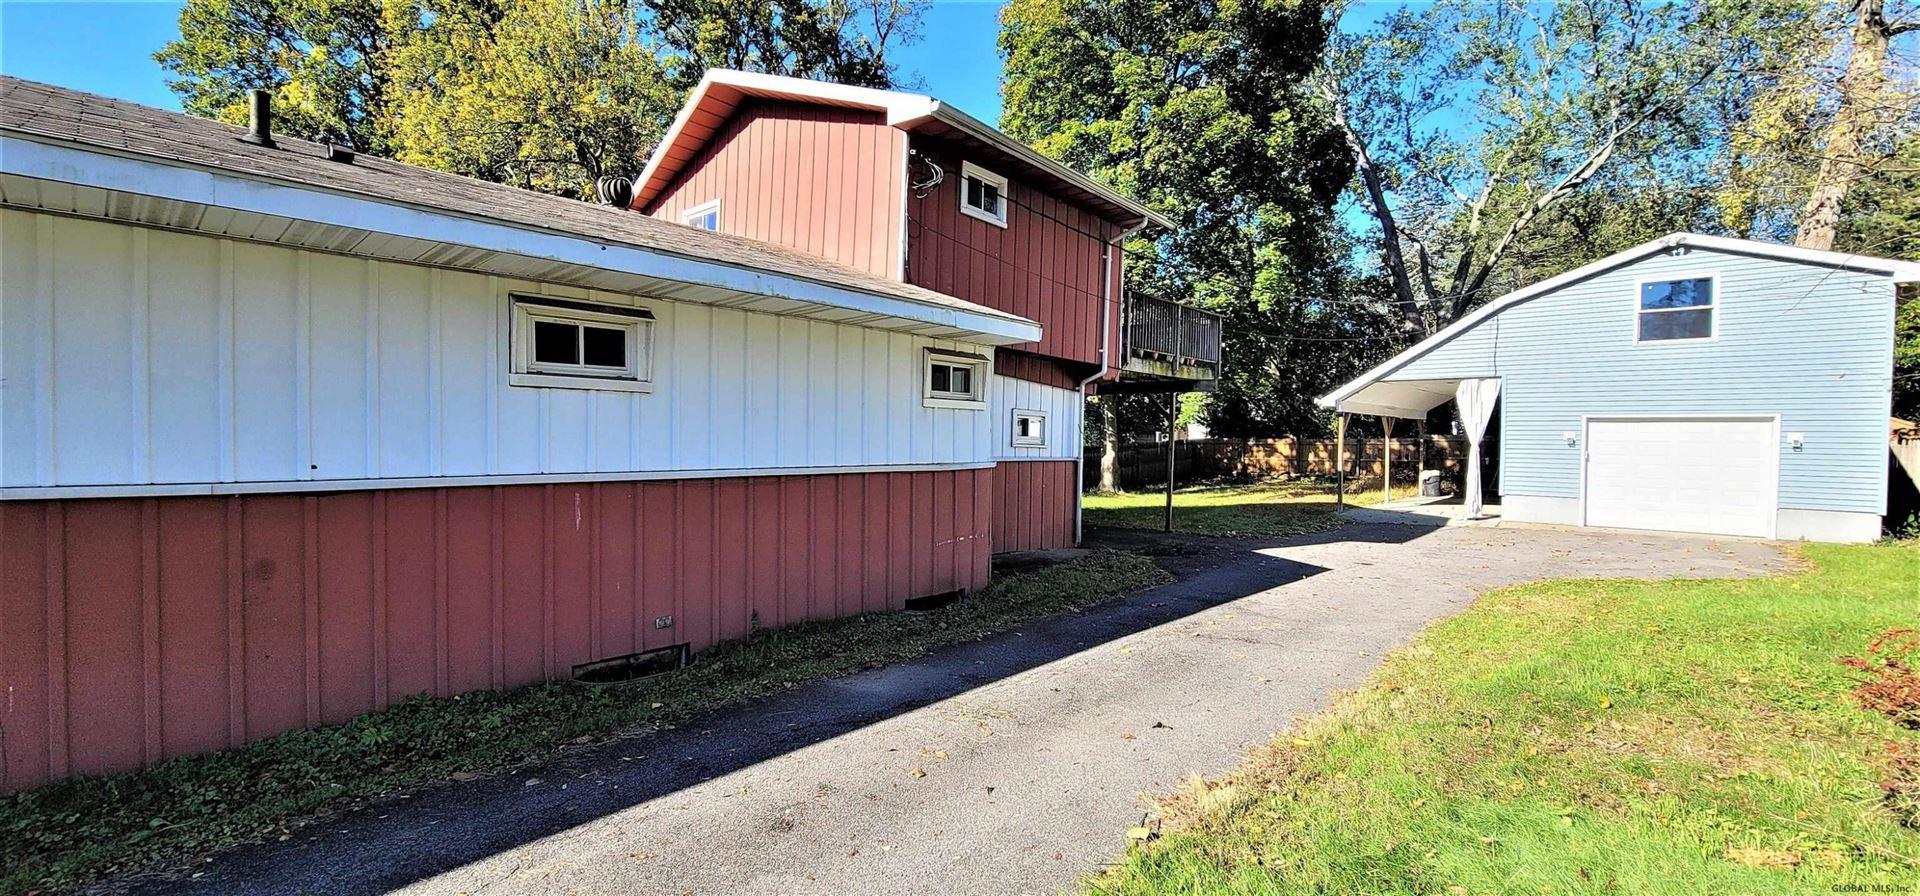 131 ARCADIA AV                                                                               Guilderland                                                                      , NY - $239,900